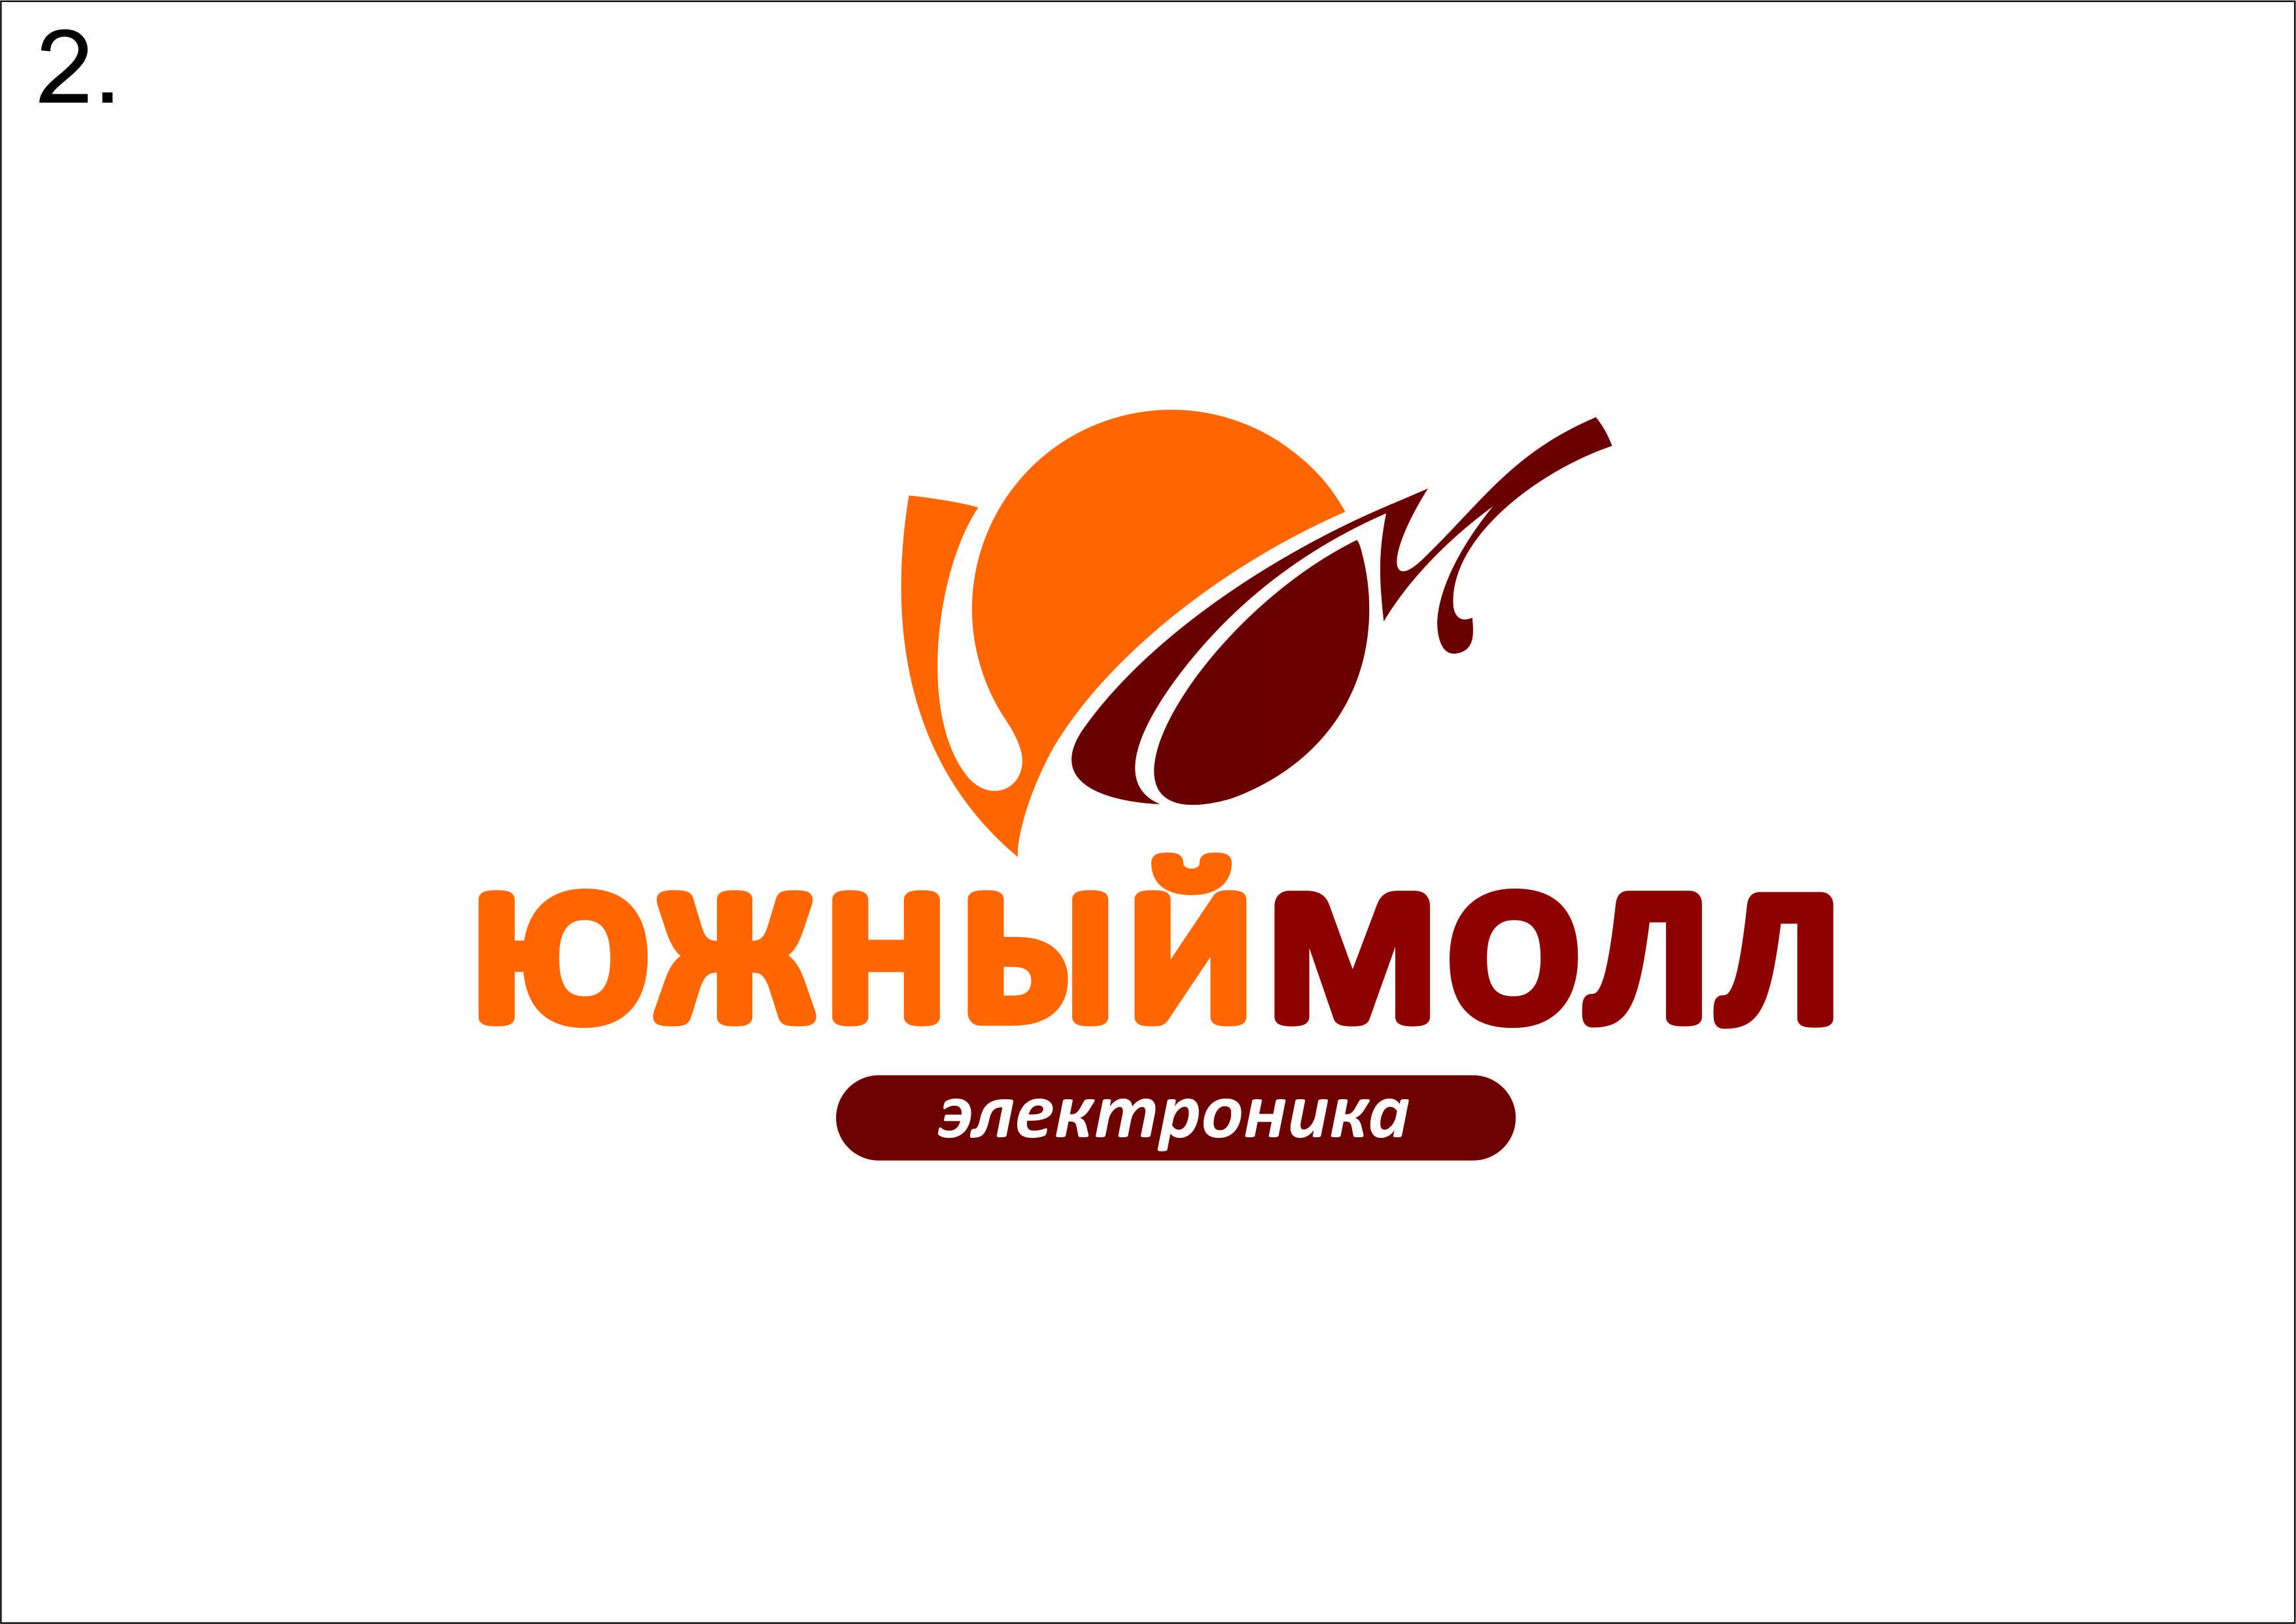 Разработка логотипа фото f_4db4c9e1710a4.jpg